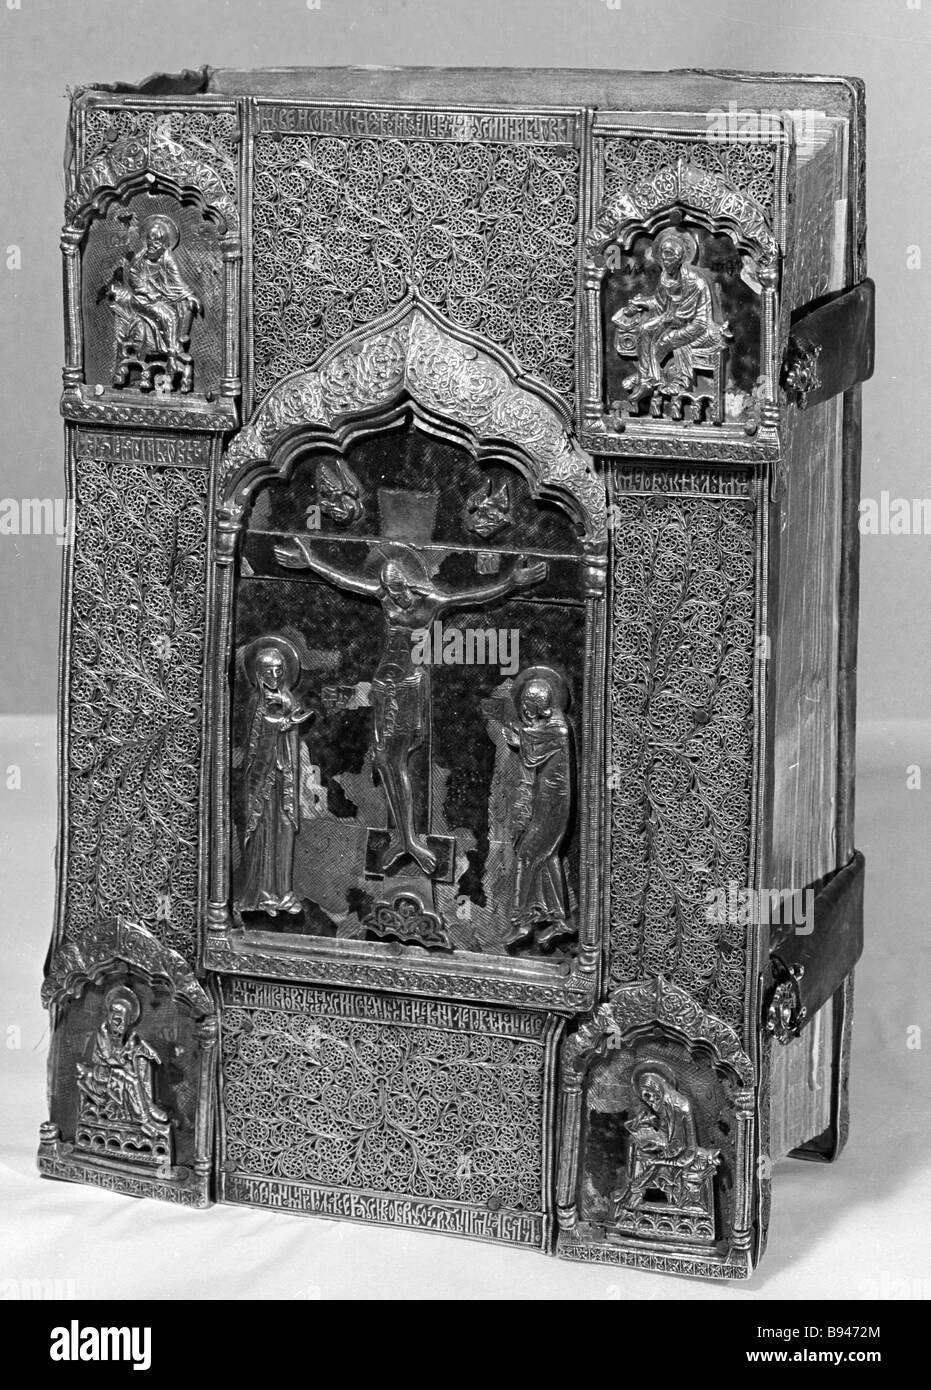 L'impostazione di un volume del Testamento fatta a Mosca dalla collezione dell'armeria del Cremlino di Mosca Immagini Stock